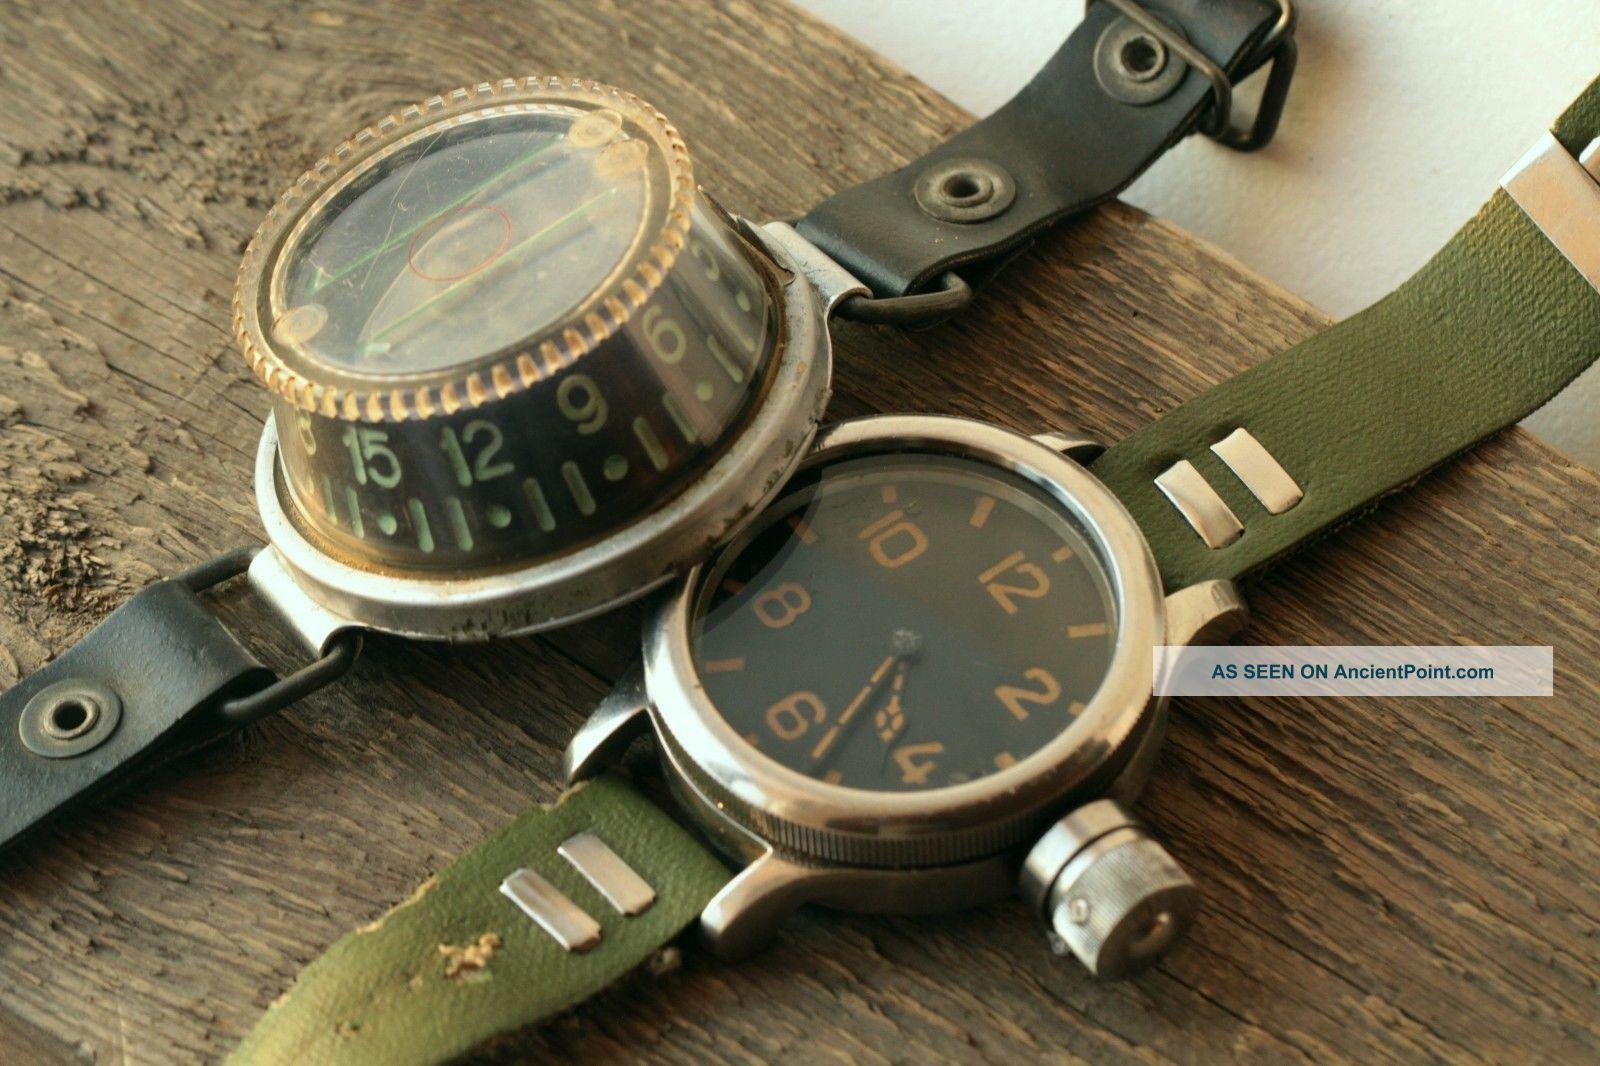 Diver 191 - Ch Vodolaz Zchs Zlatoust Gigantic Watch Scuba And Diving Wrist Compass Clocks photo